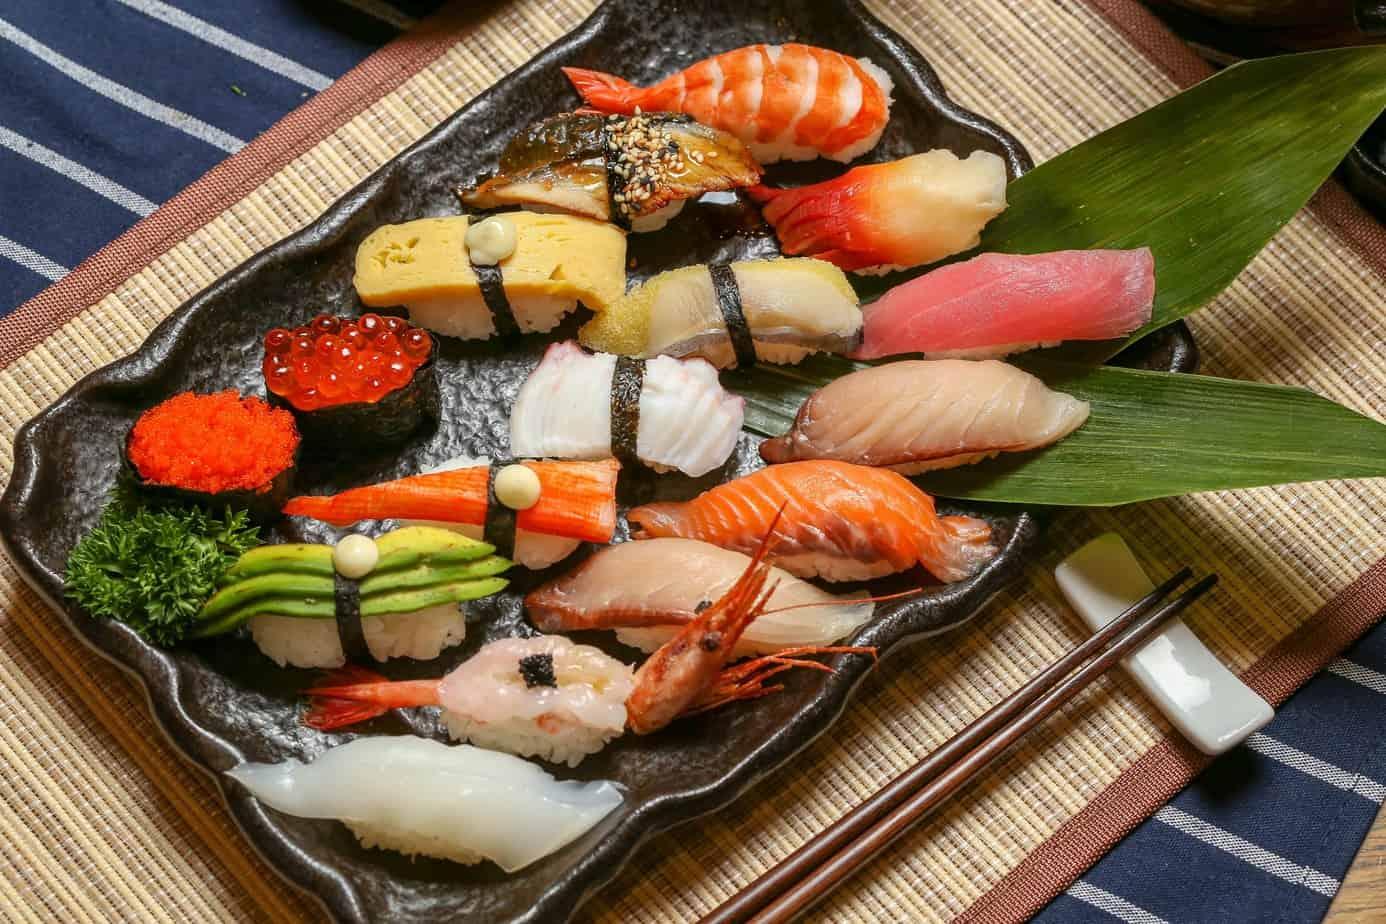 Top 6 Nhà Hàng Sushi Ngon Nhất Tại Quận 1 TPHCM - nhà hàng shushi ngon nhất tại quận 1 - Haha Sushi | Nhà hàng Lá Phong | Okome Sushi Bar 43